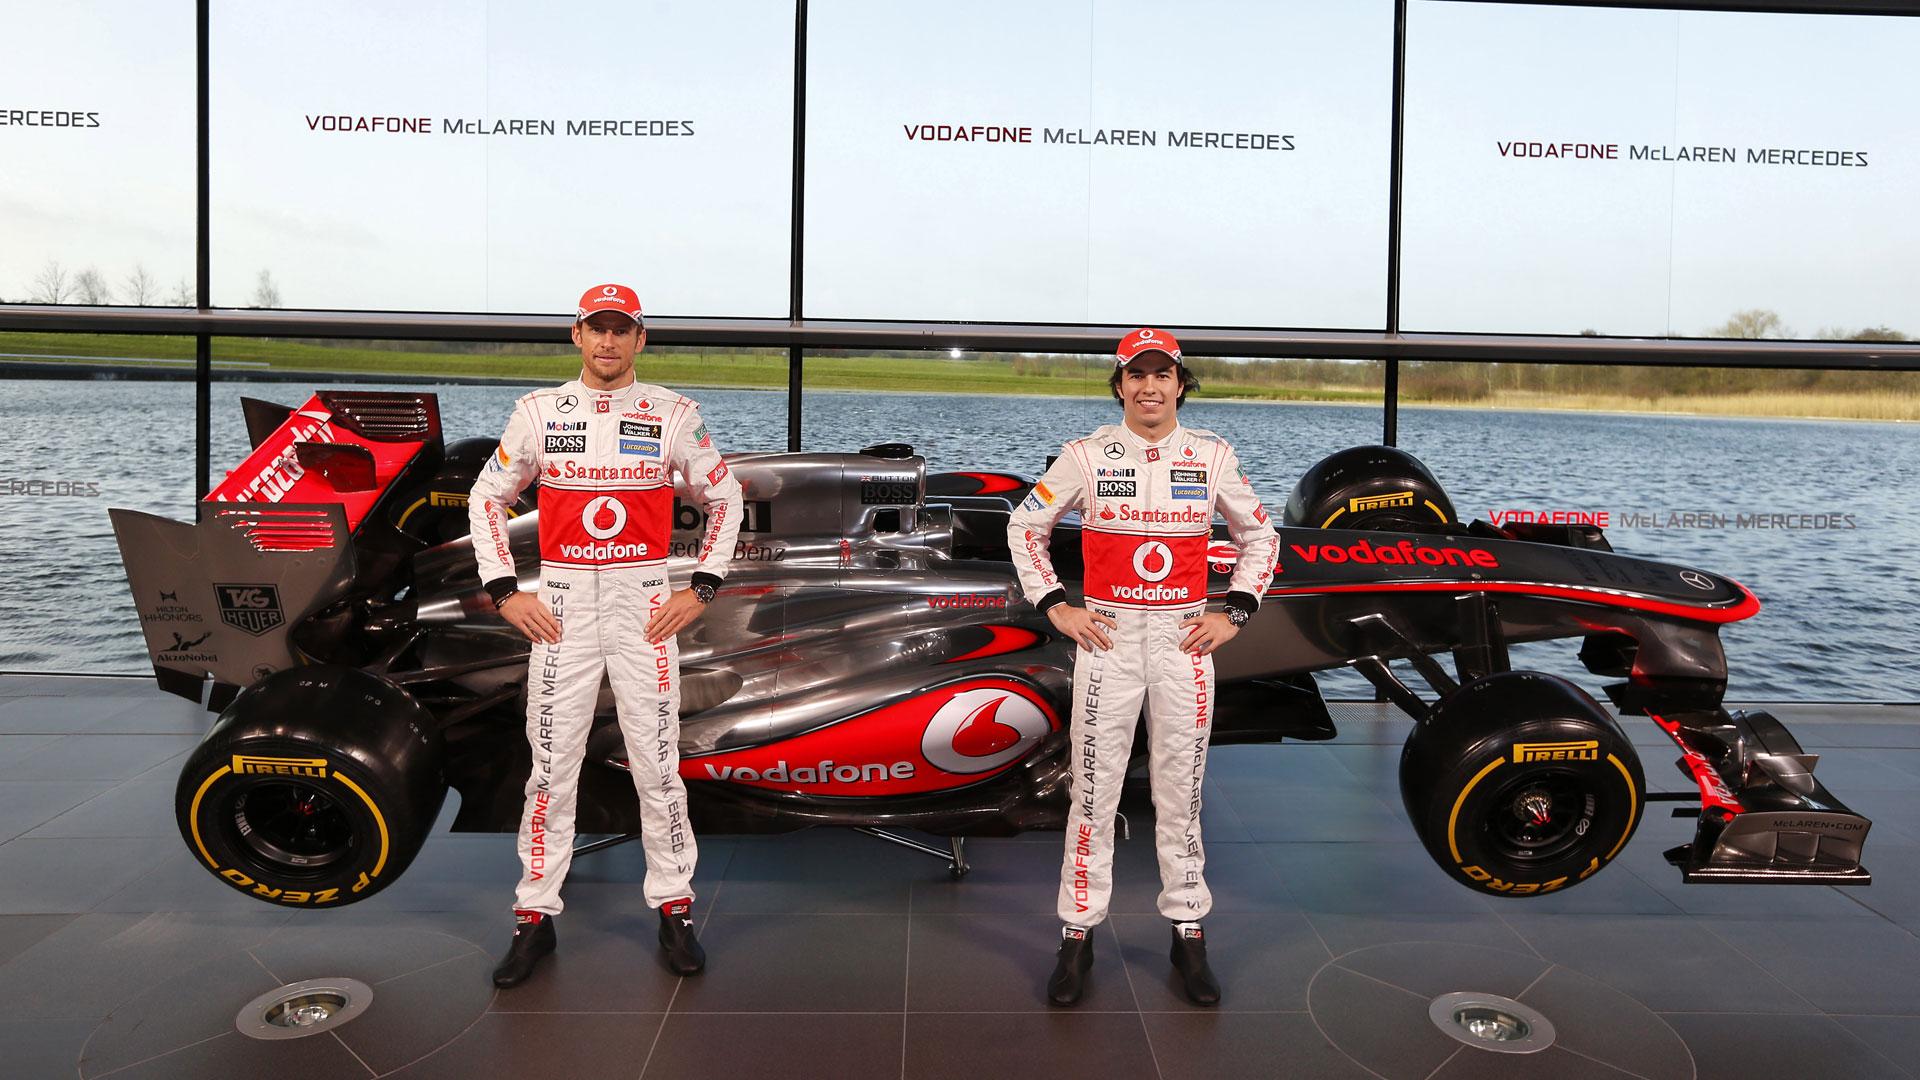 McLaren MP4-28 (2013) and MP4-29 (2014), profile – F1 Fanatic